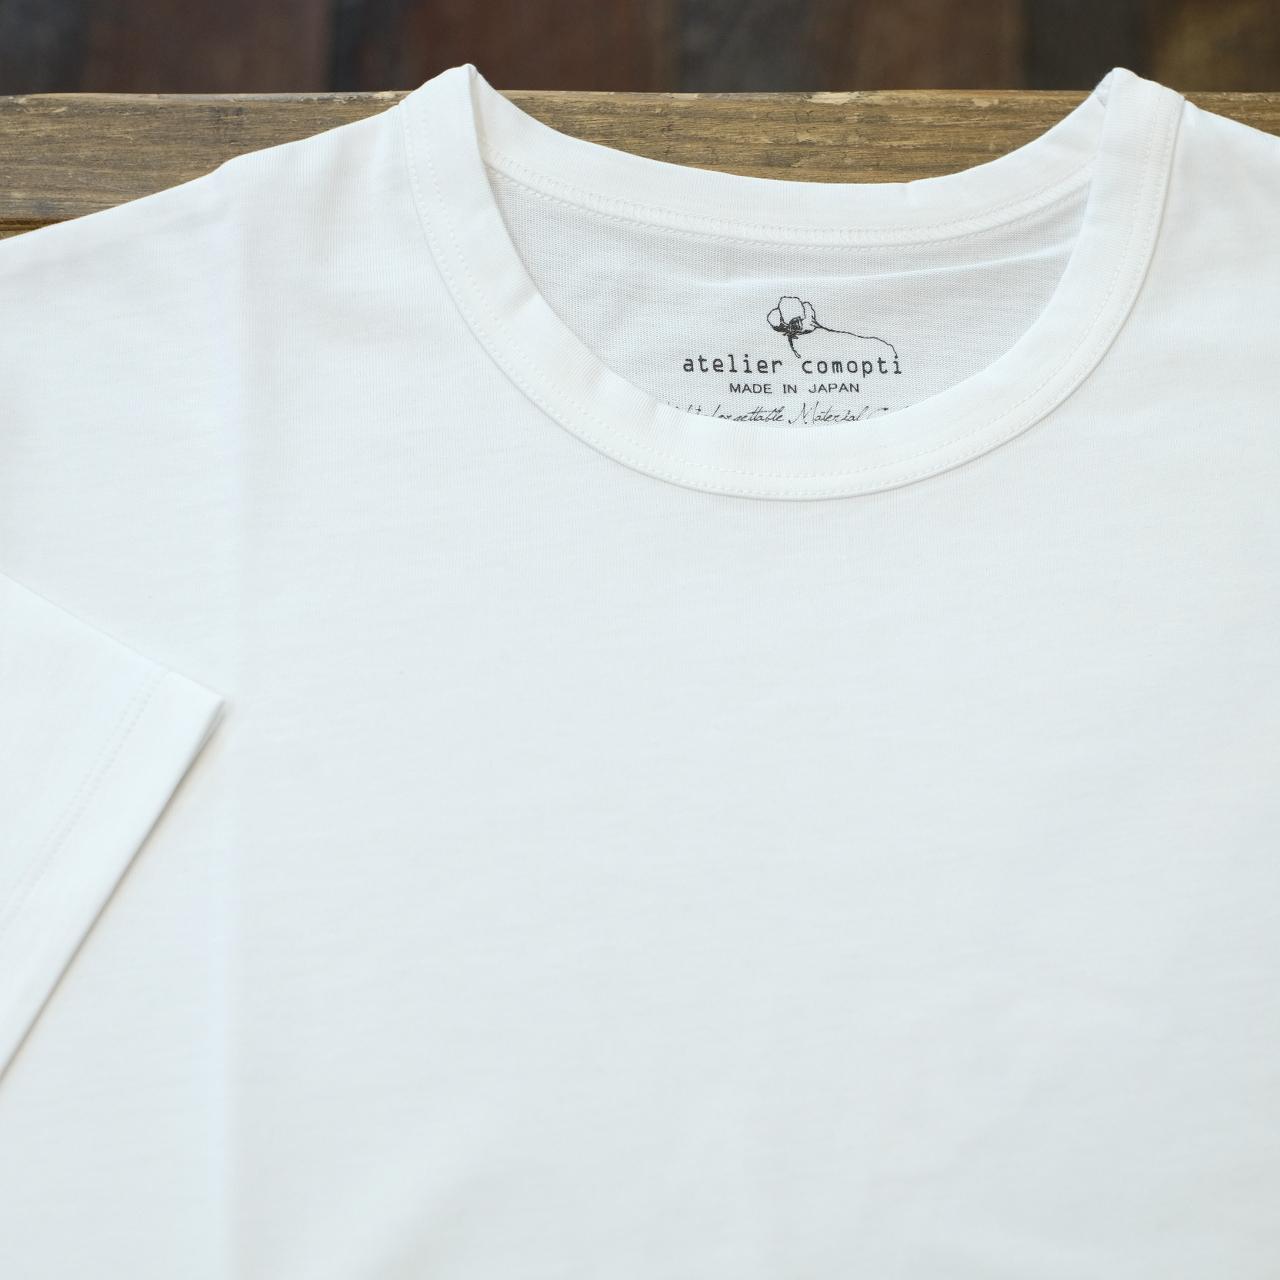 atelier comopti 究極のTシャツ ホワイト ステラ・コンフリクト天竺